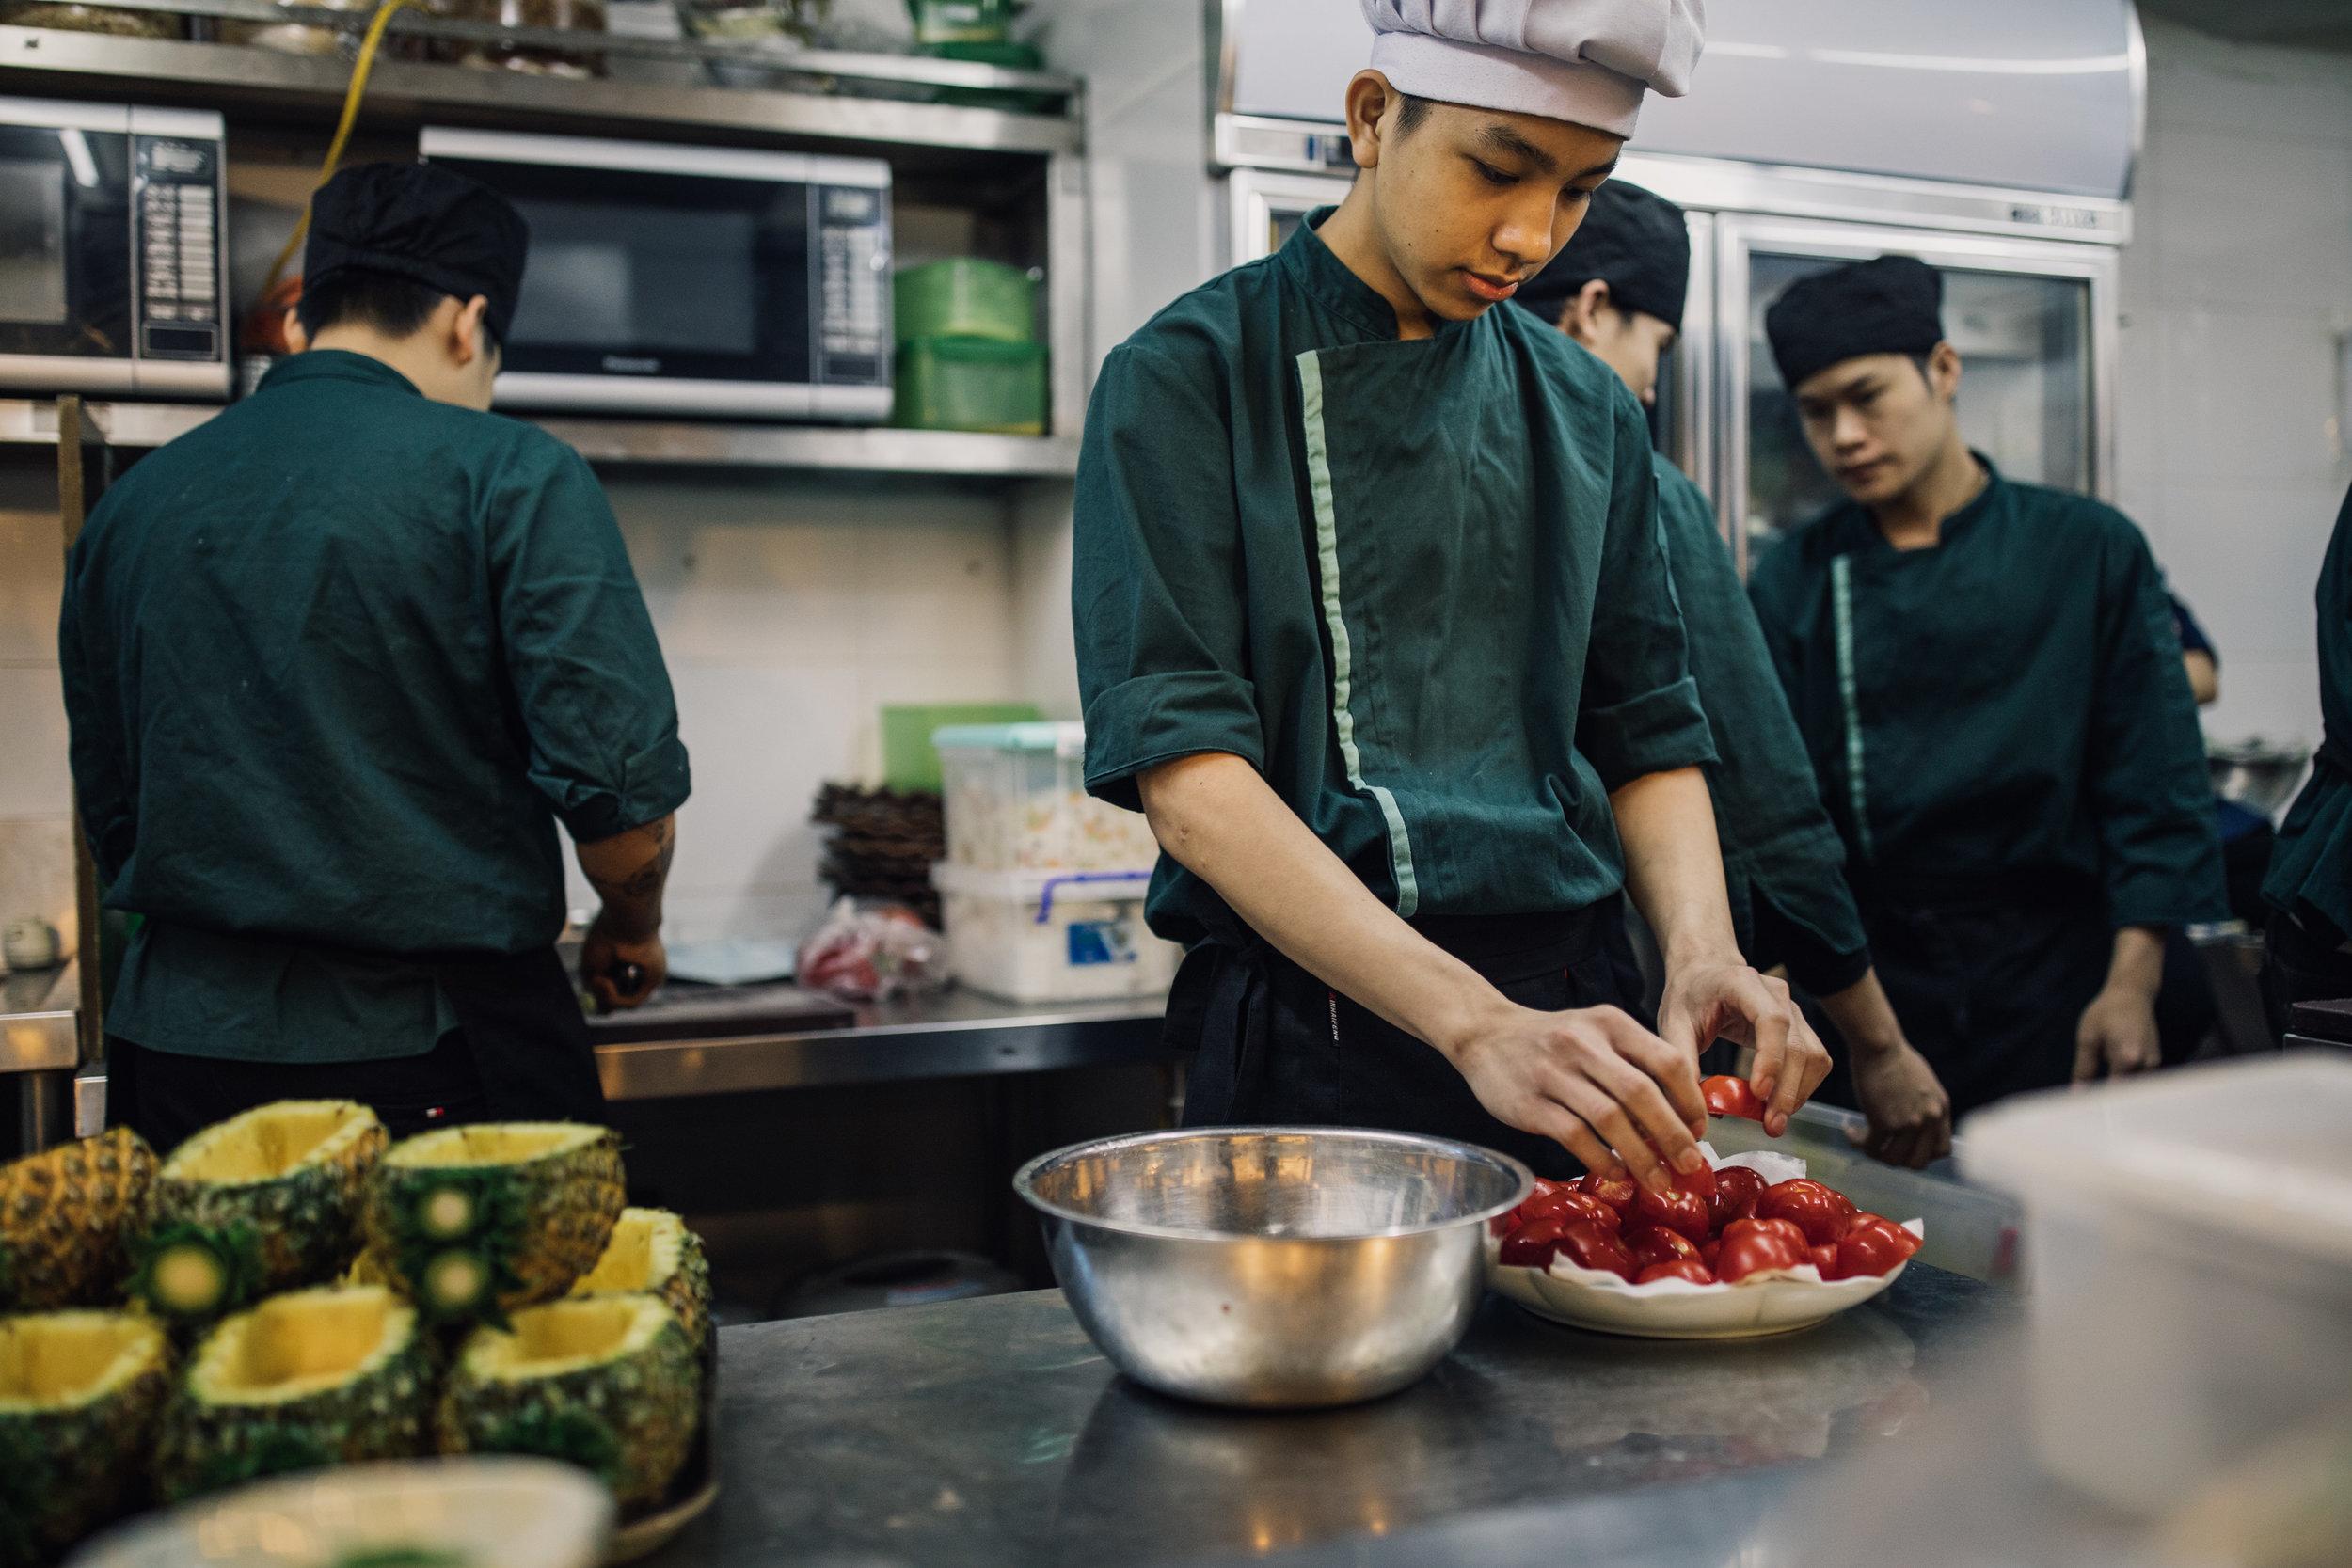 uudamchay_thatsluminous_vegan_restaurant-2439.jpg